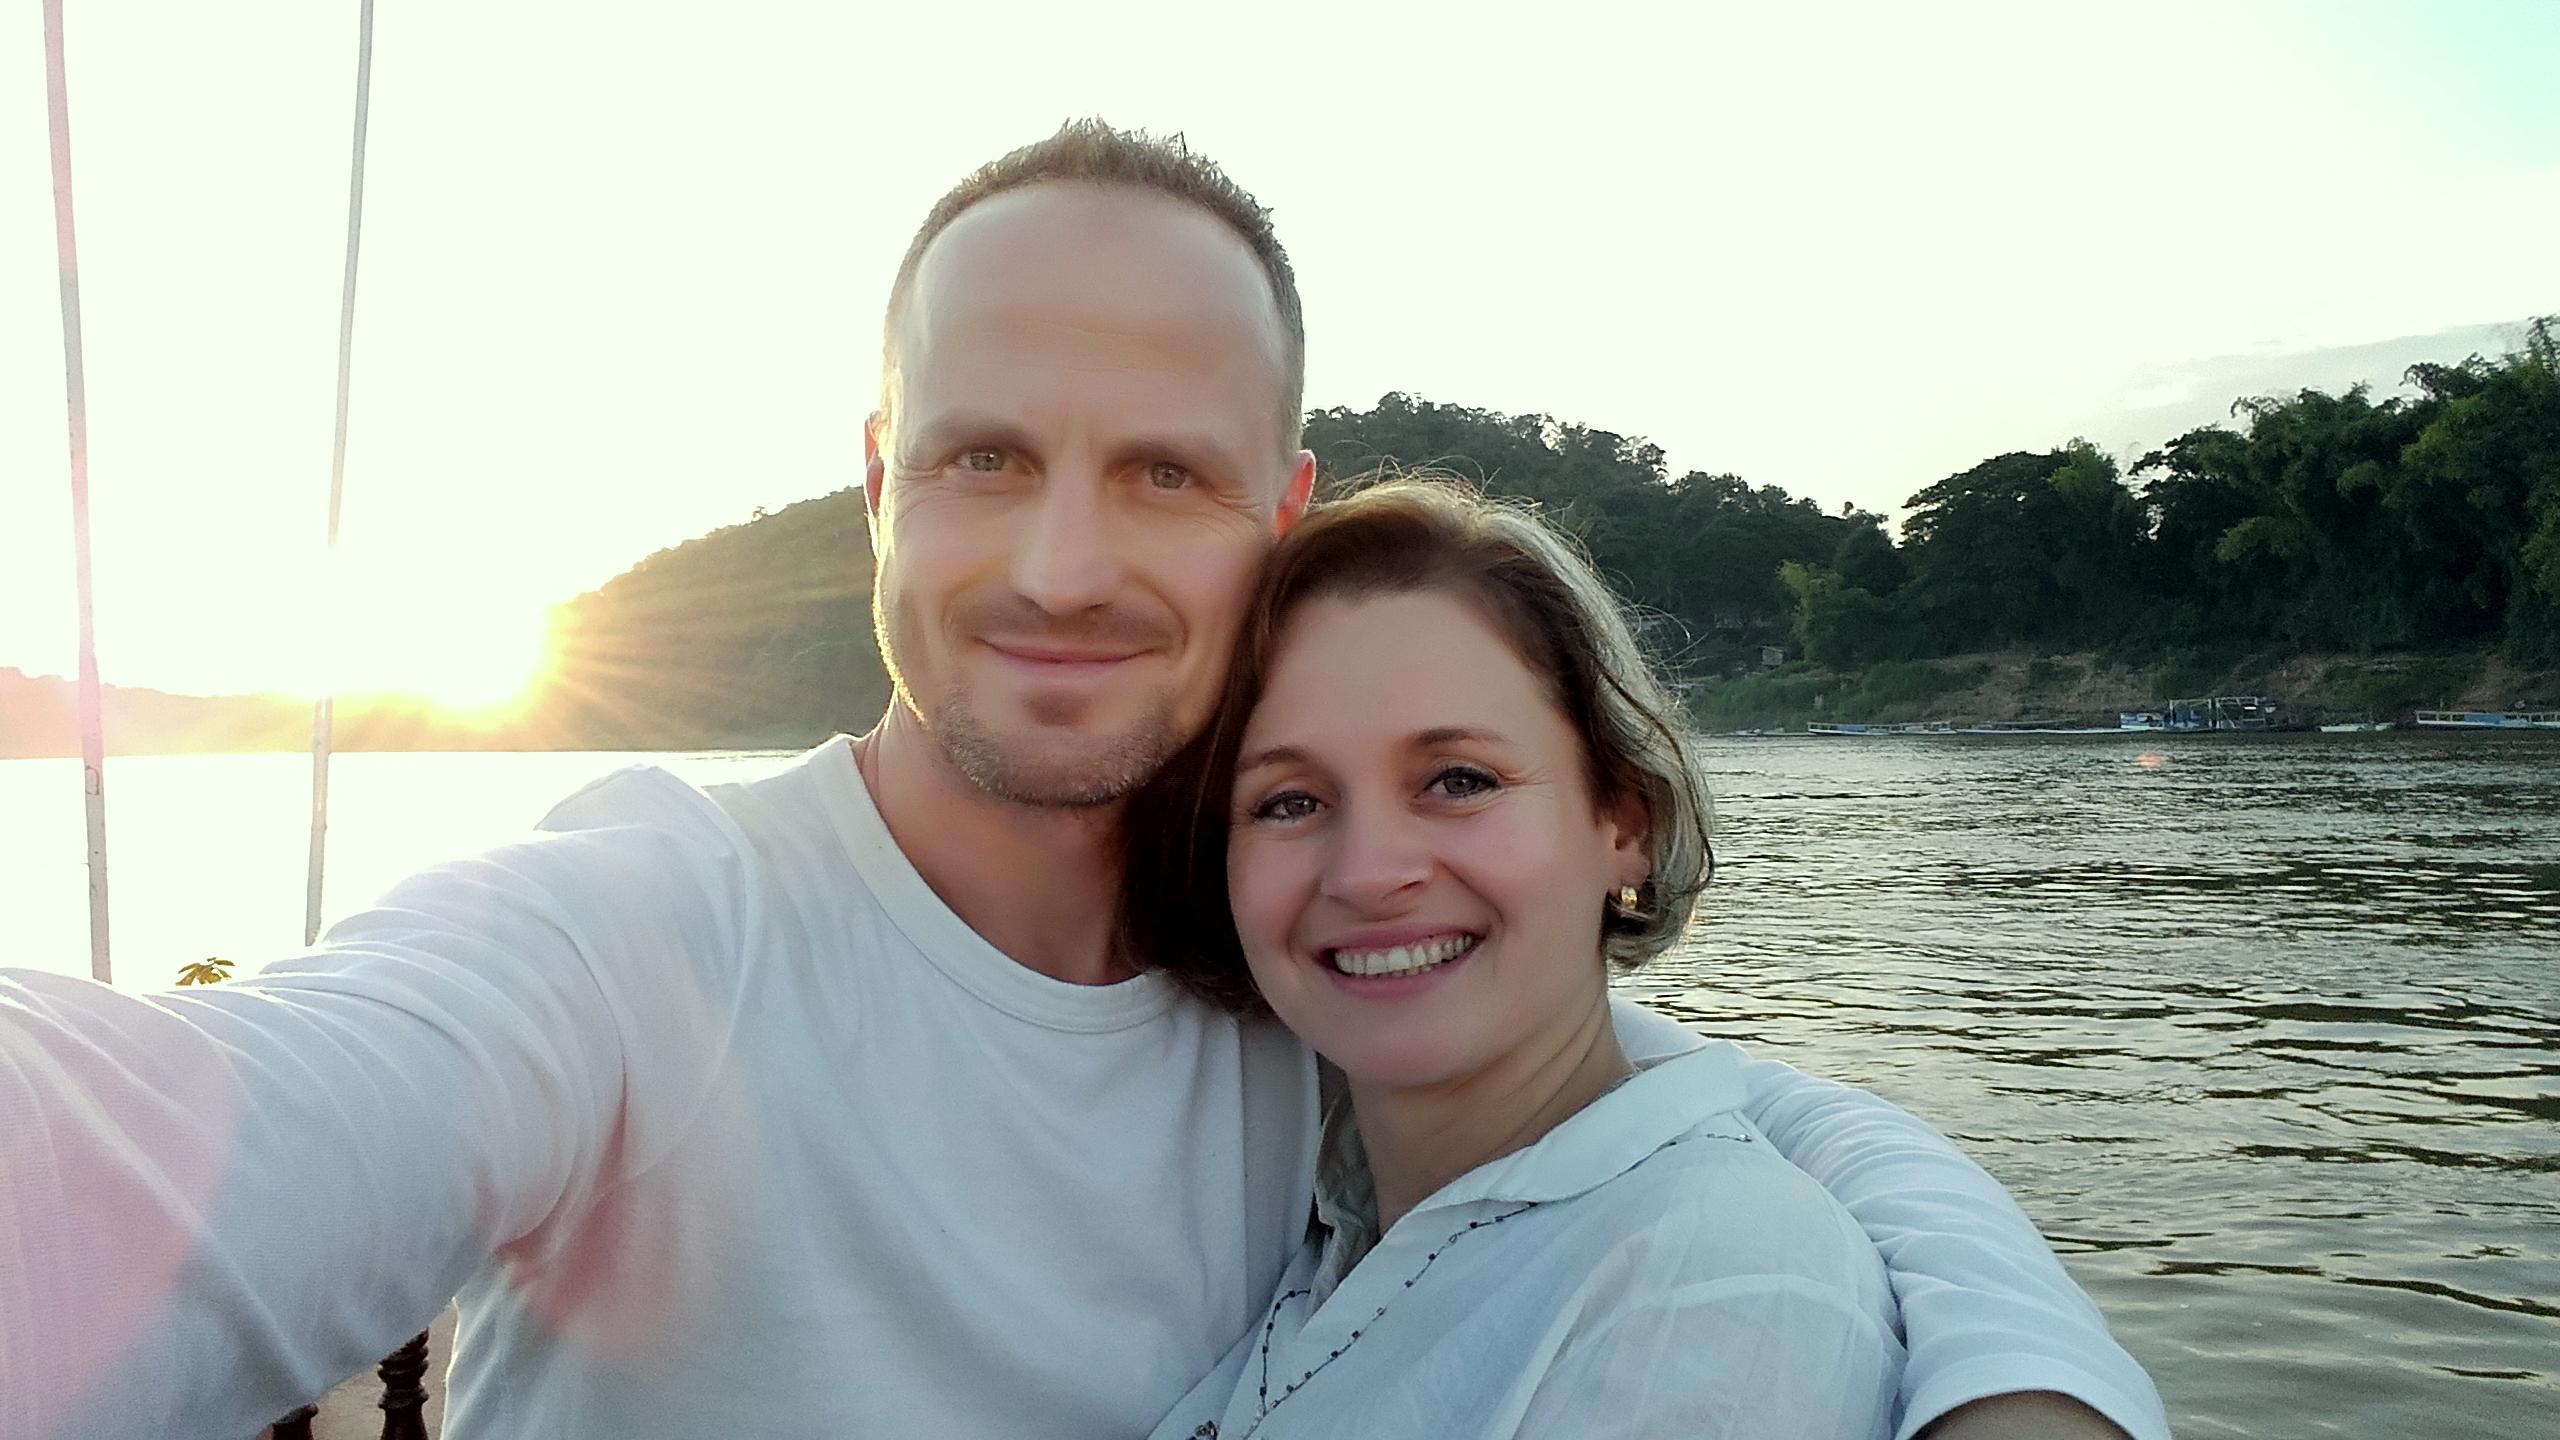 Nézni a házasságot, amely nem randizik